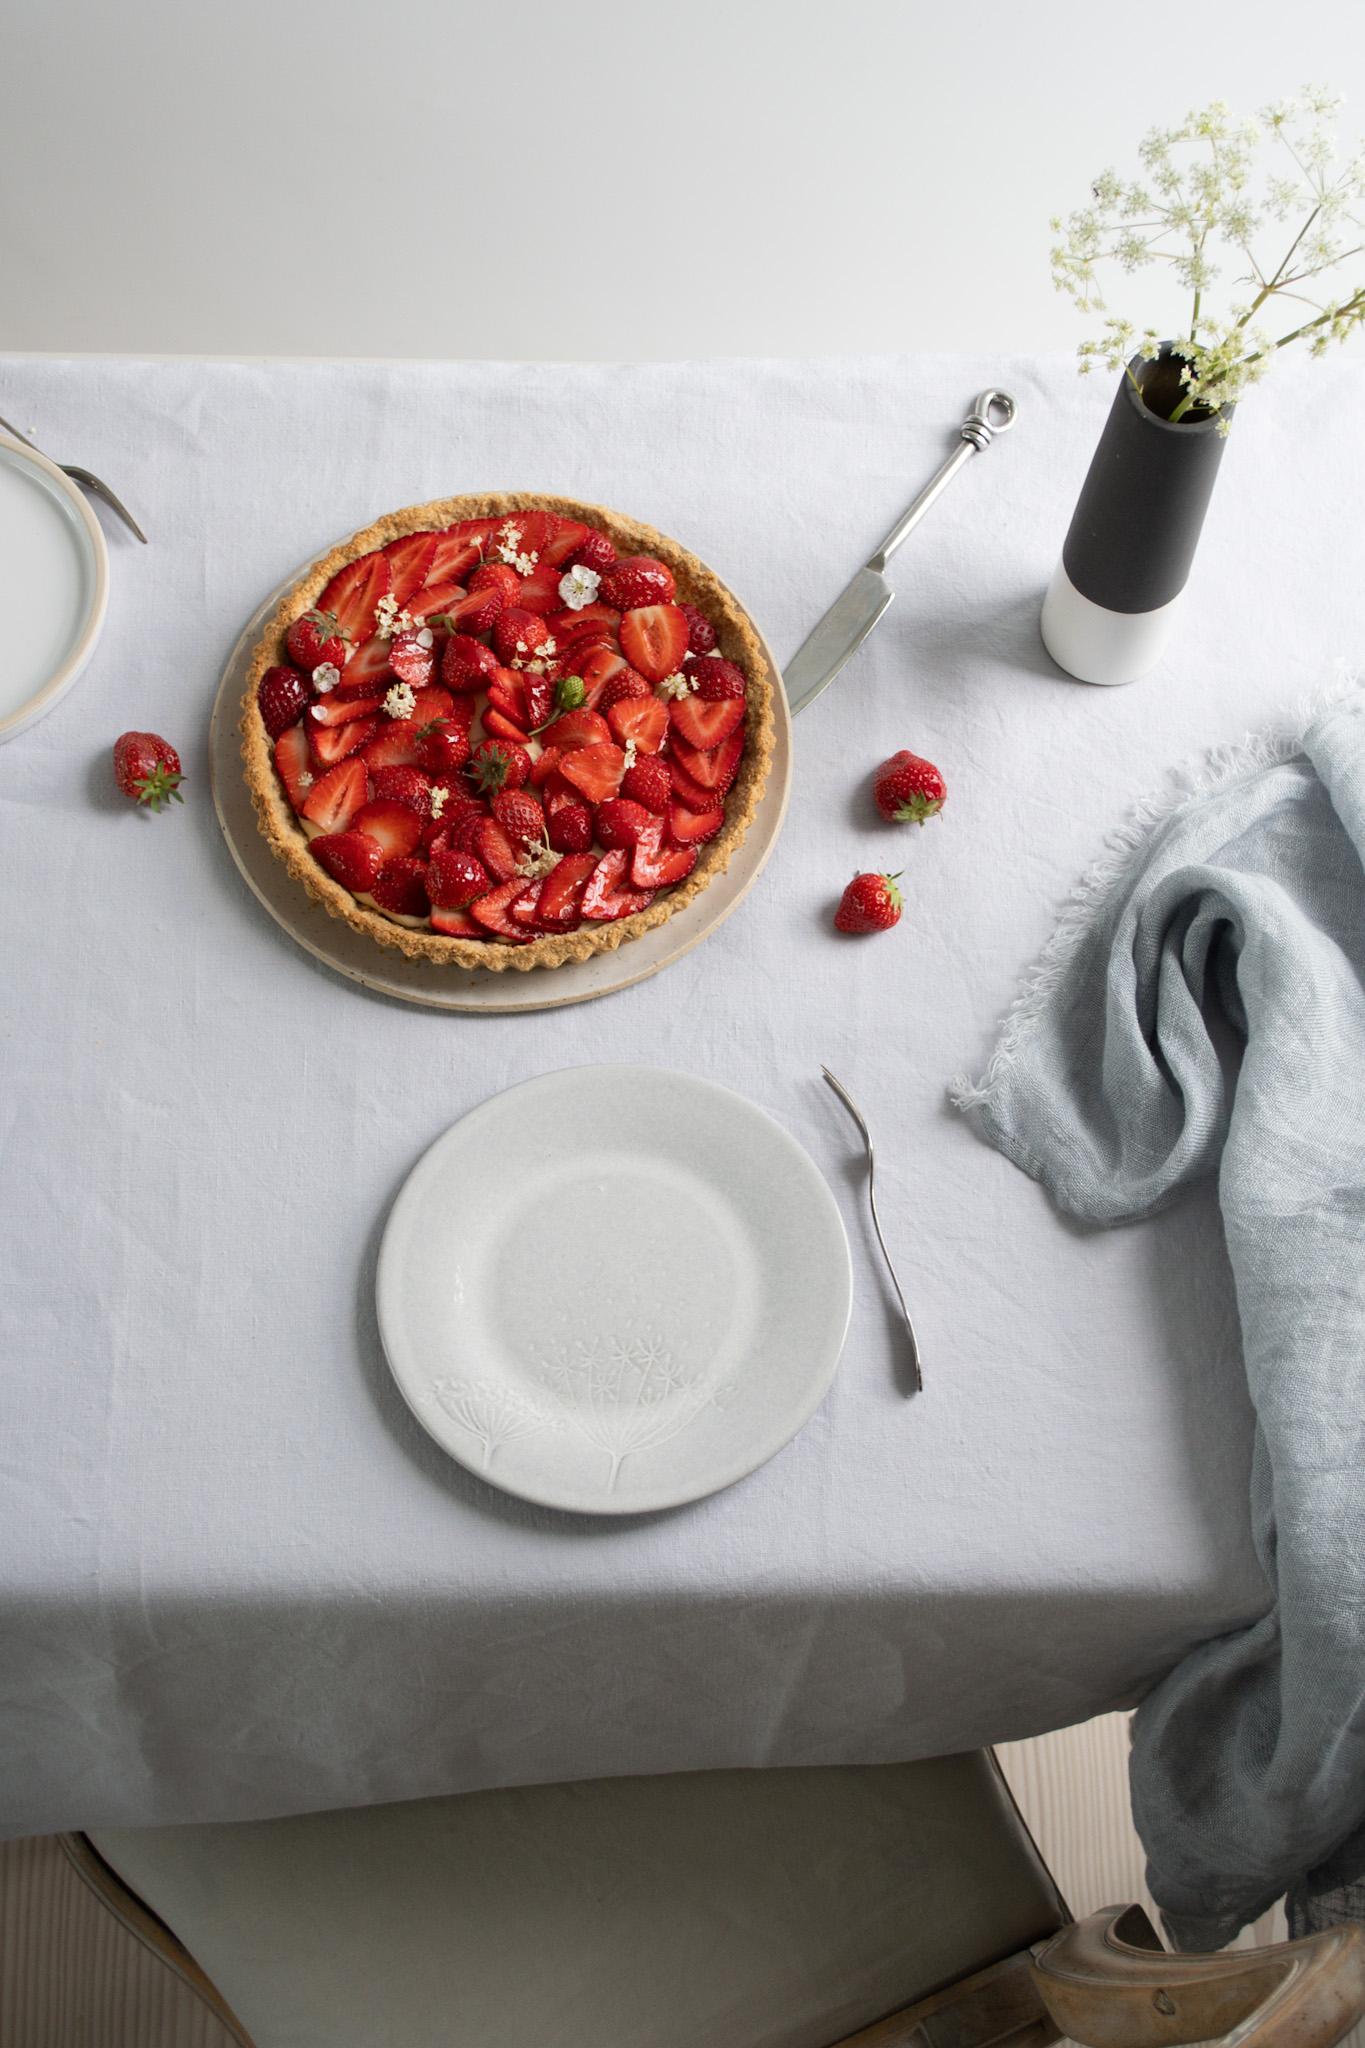 Strawberry & Elderflower Tart with an Oat & Almond Crust.